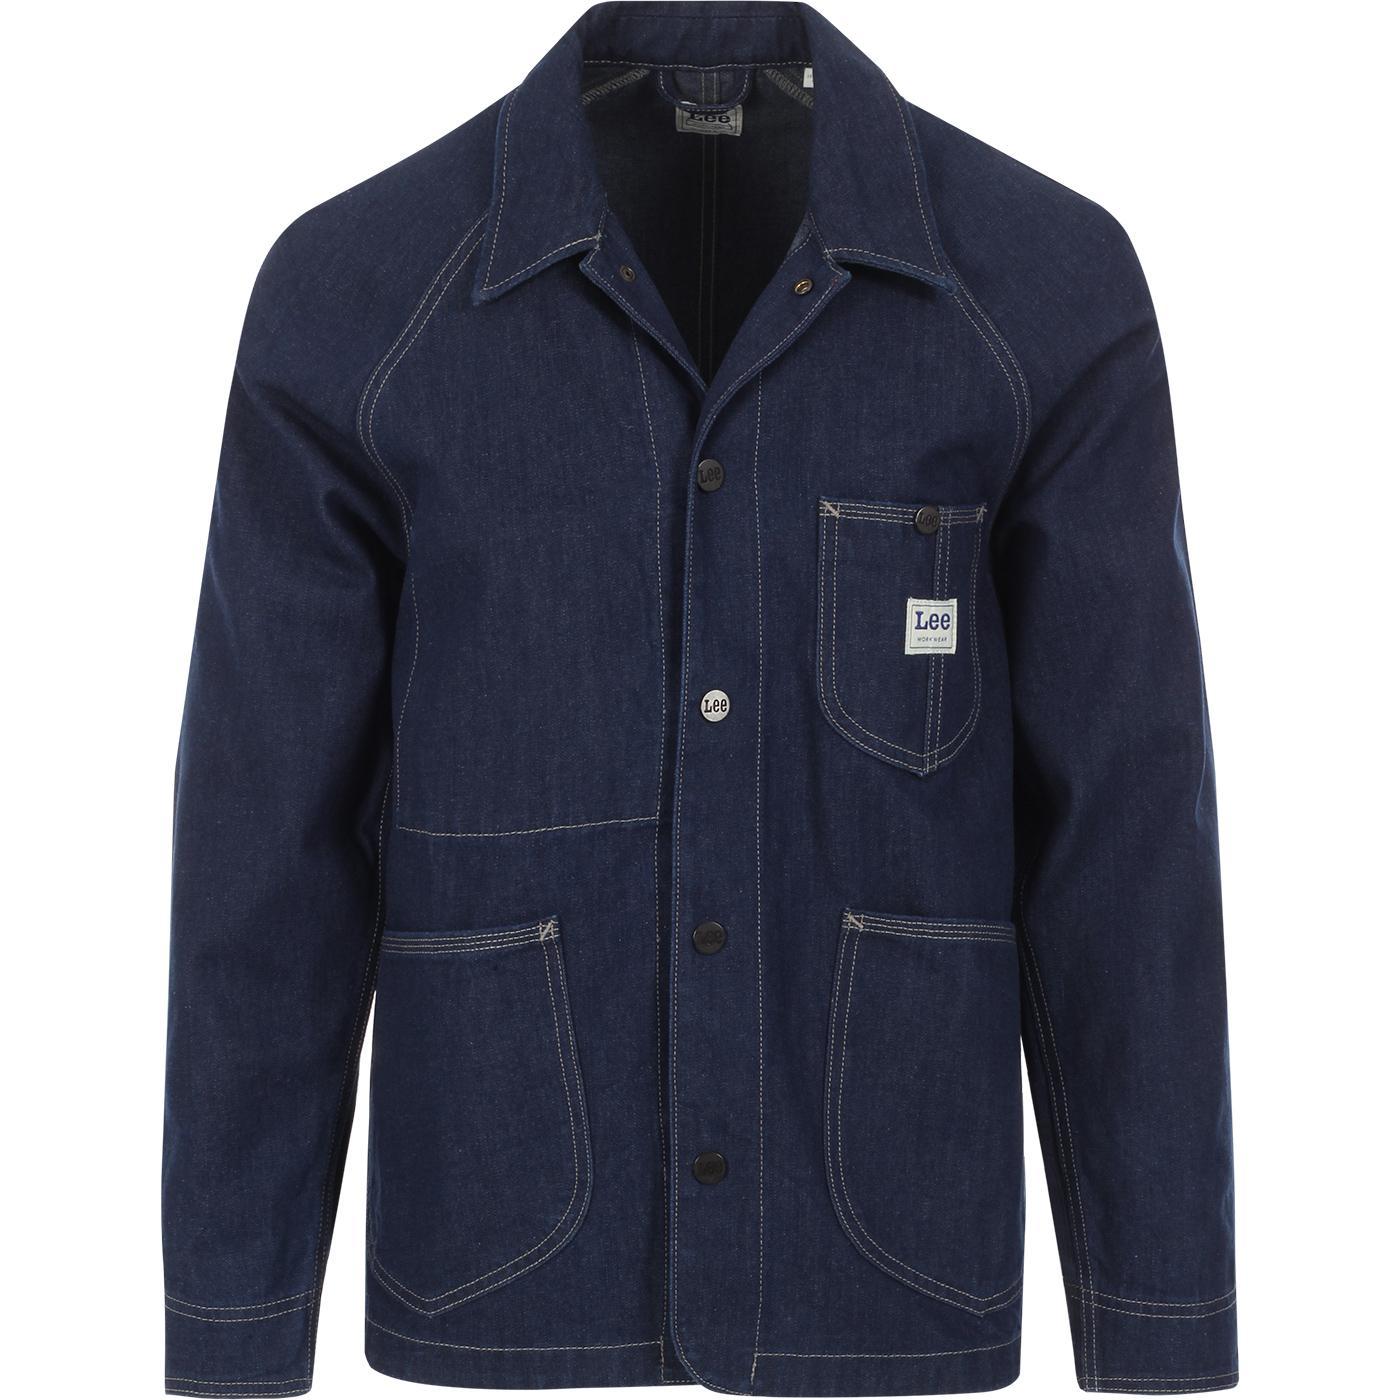 LEE JEANS Loco Rework Retro Denim Worker Jacket